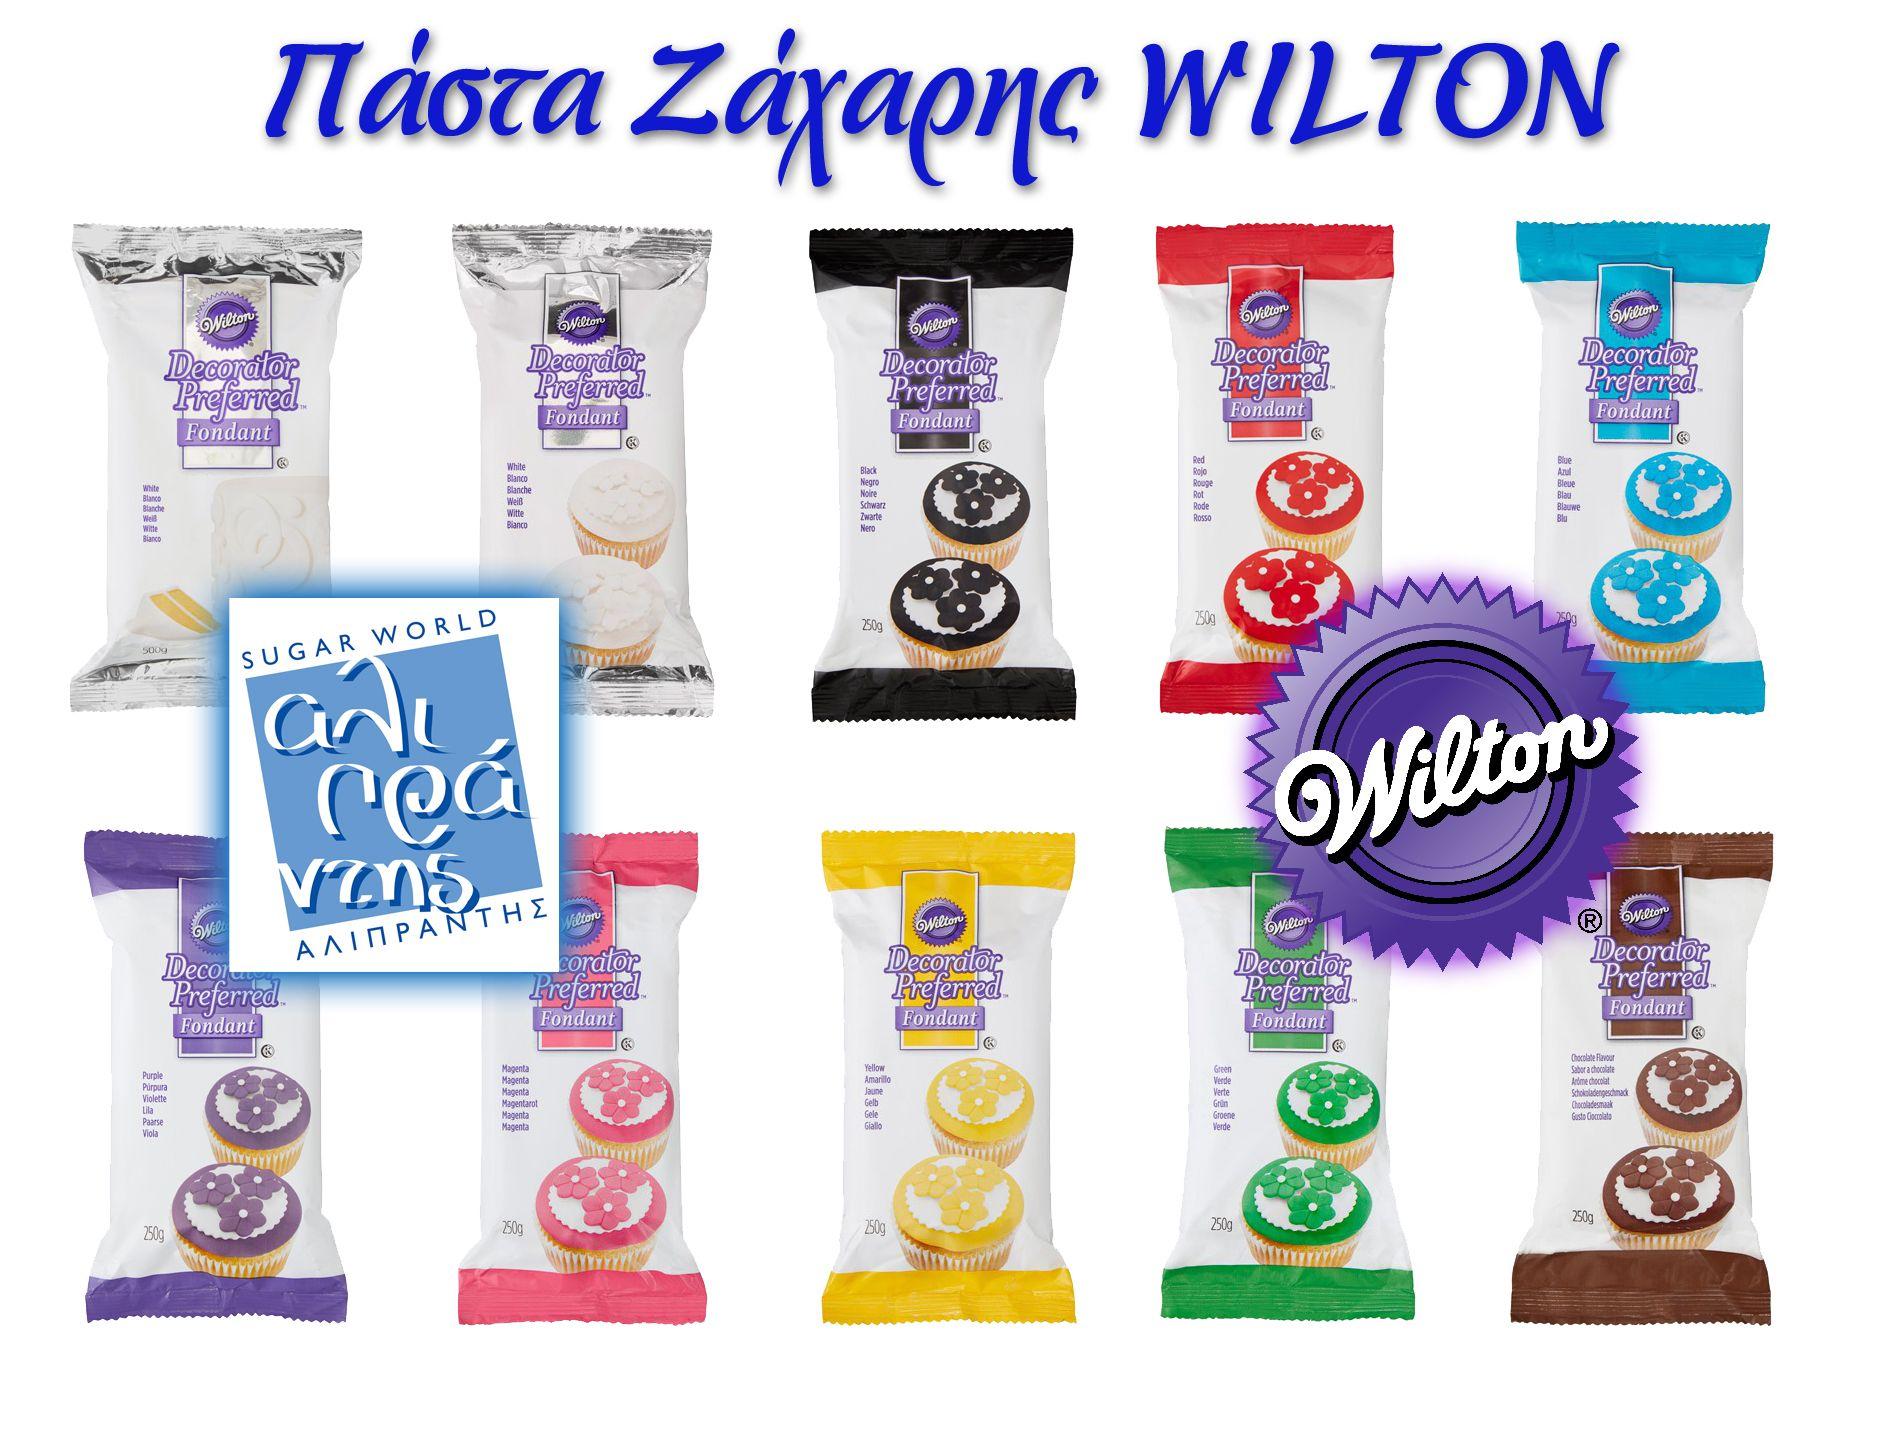 Η Sugar World Αλιπράντης ΕΠΕ, σας παρουσιάζει την νέα σειρά προϊόντων Πάστας Ζάχαρης #WILTON. Τις Χρωματιστές ζαχαρόπαστες θα τις βρείτε σε συσκευασίες των 250gr. Η λευκή διατίθεται και στην ποσότητα των 500gr. Δείτε τα προϊόντα παρακάτω, κάντε τις αγορές σας από το ηλεκτρονικό μας κατάστημα και αφήστε την ποιότητα της WILTON να σας καθοδηγήσει στις ζαχαροπλαστικές σας δημιουργίες...